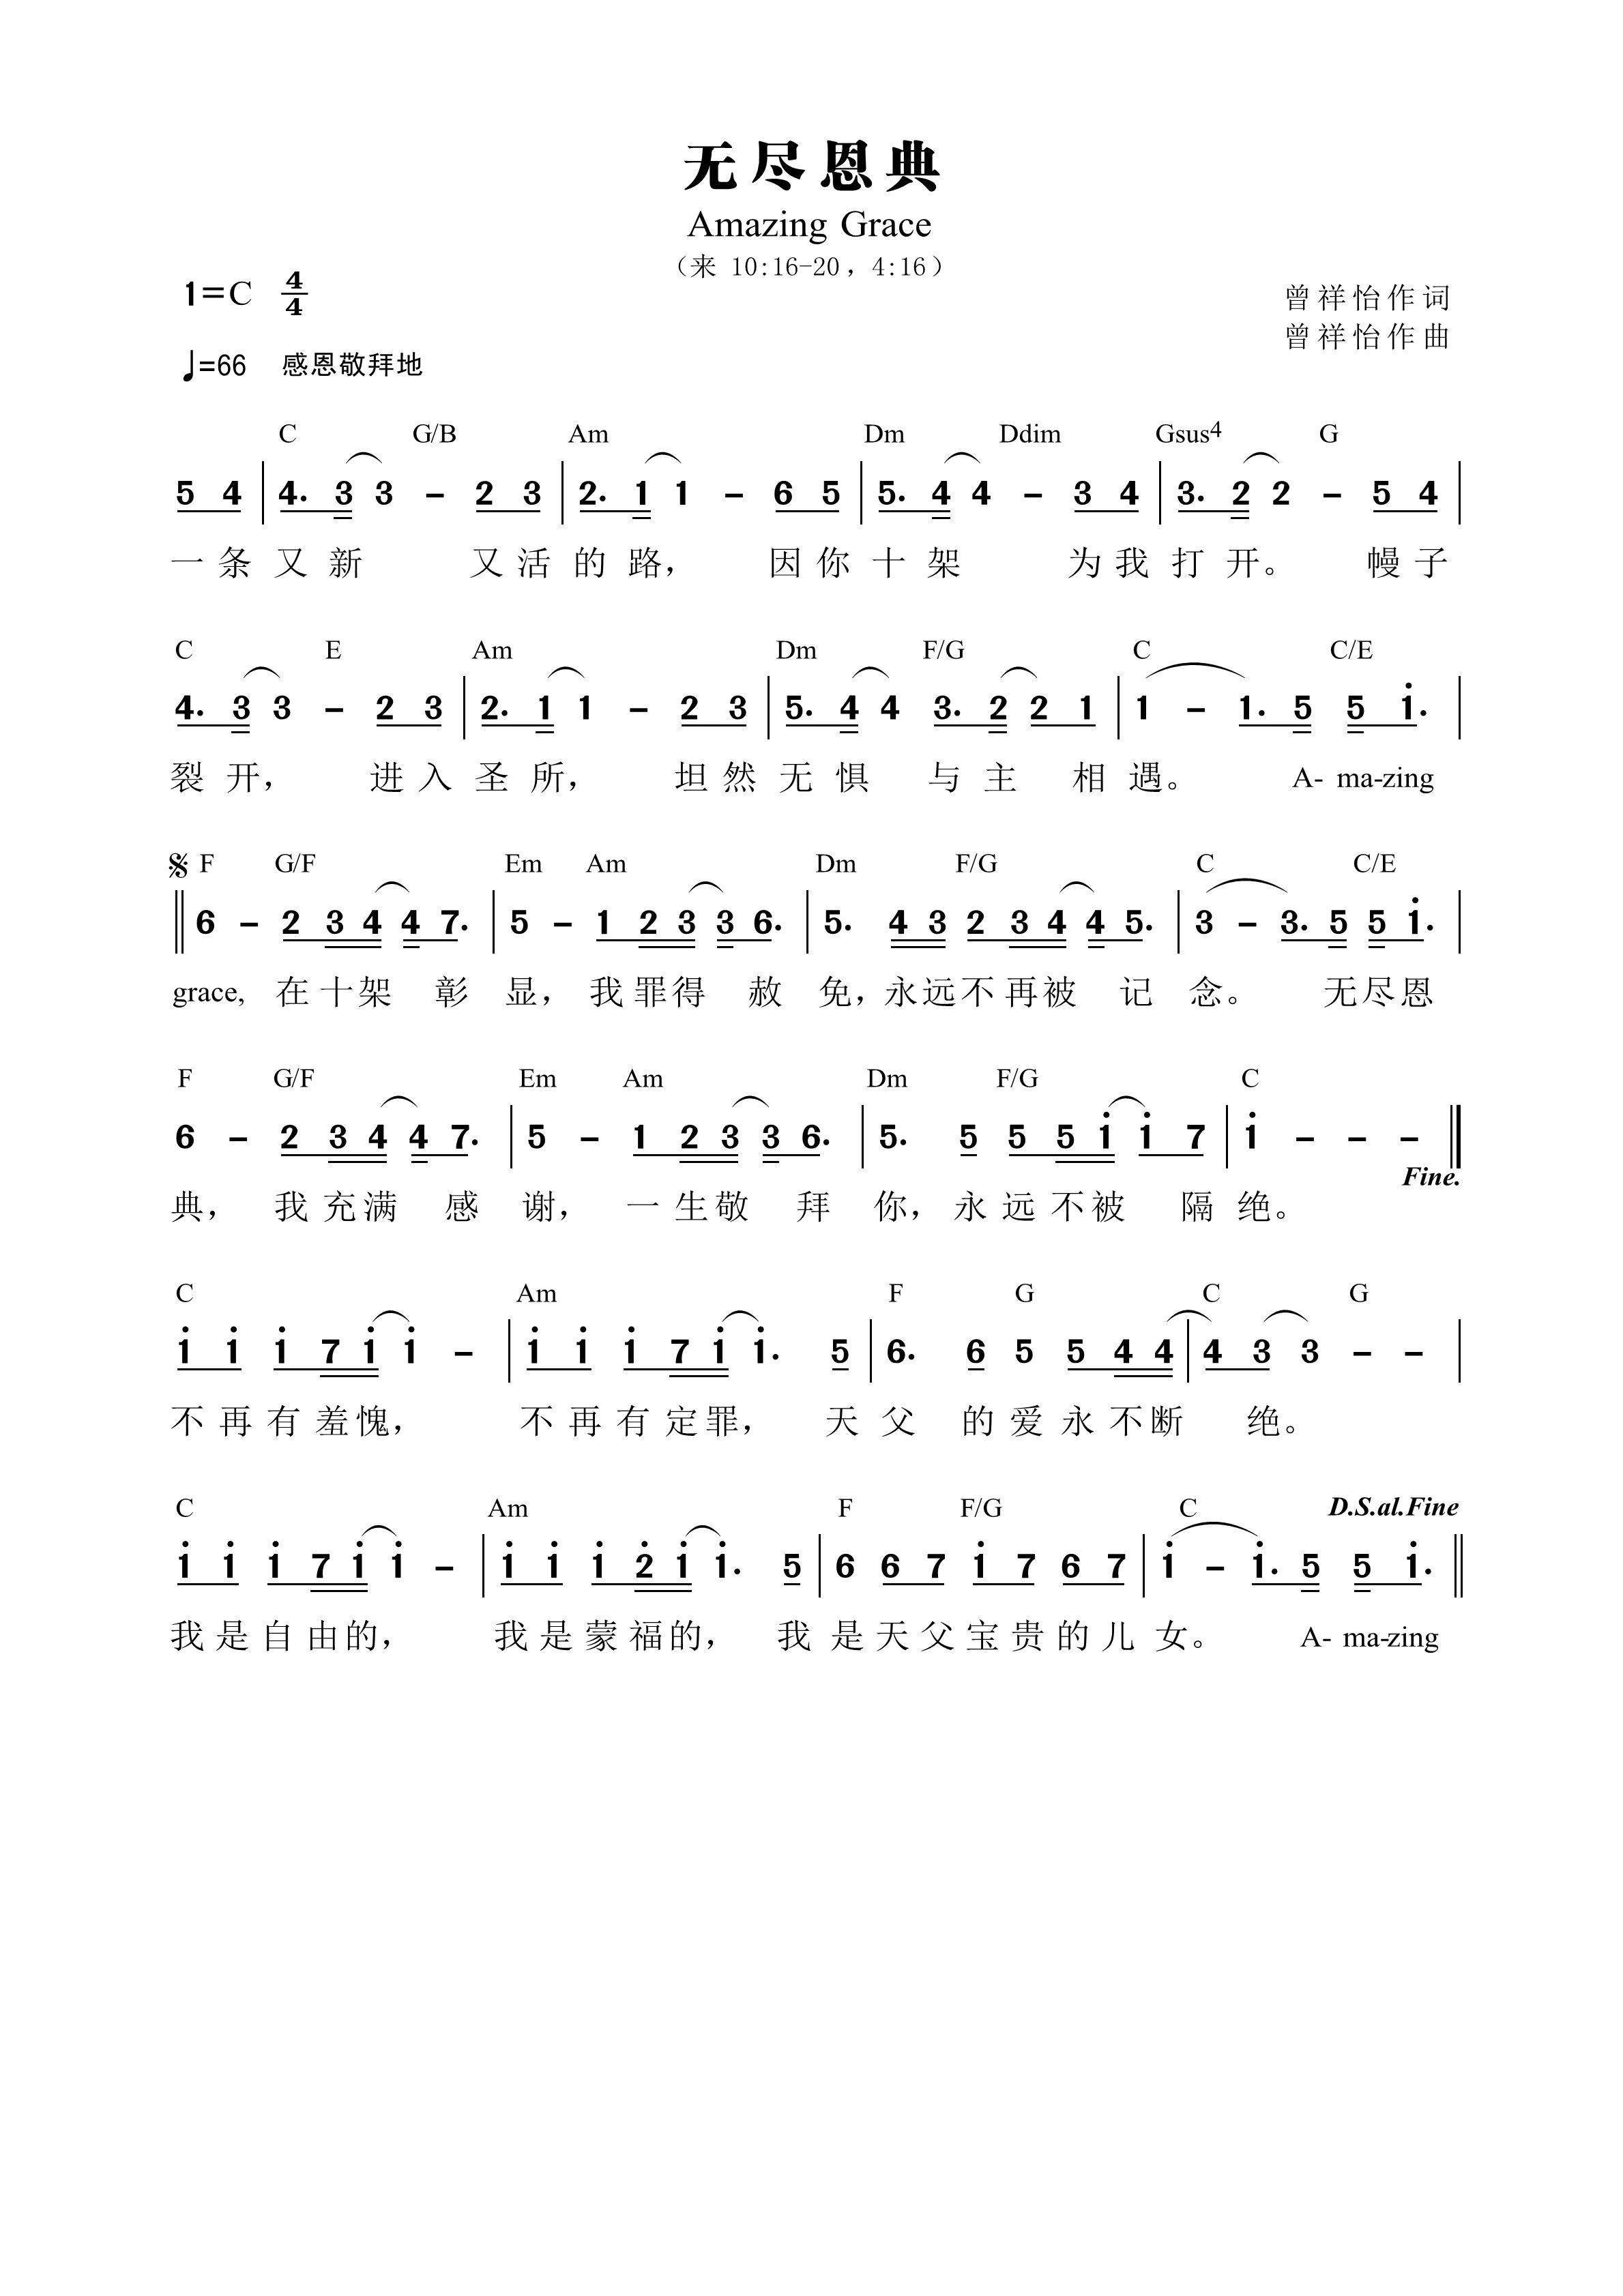 《无尽恩典 和弦简谱》